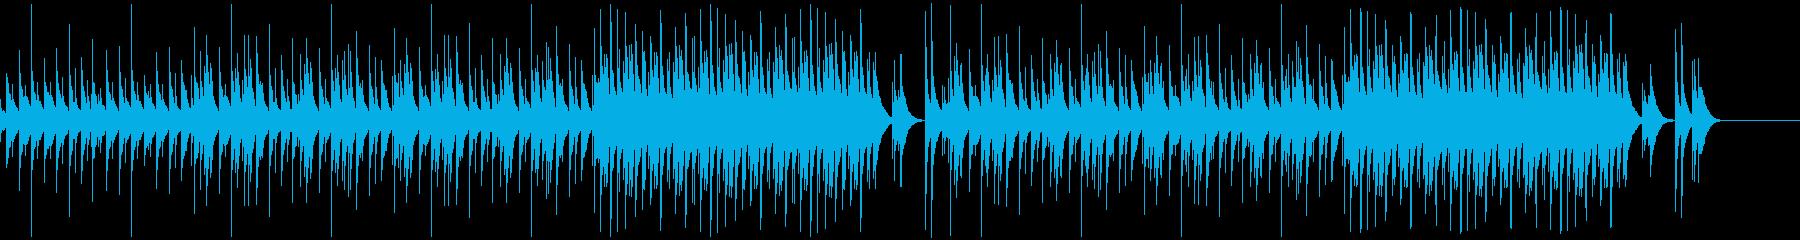 かわいい、ほのぼの、木琴の再生済みの波形